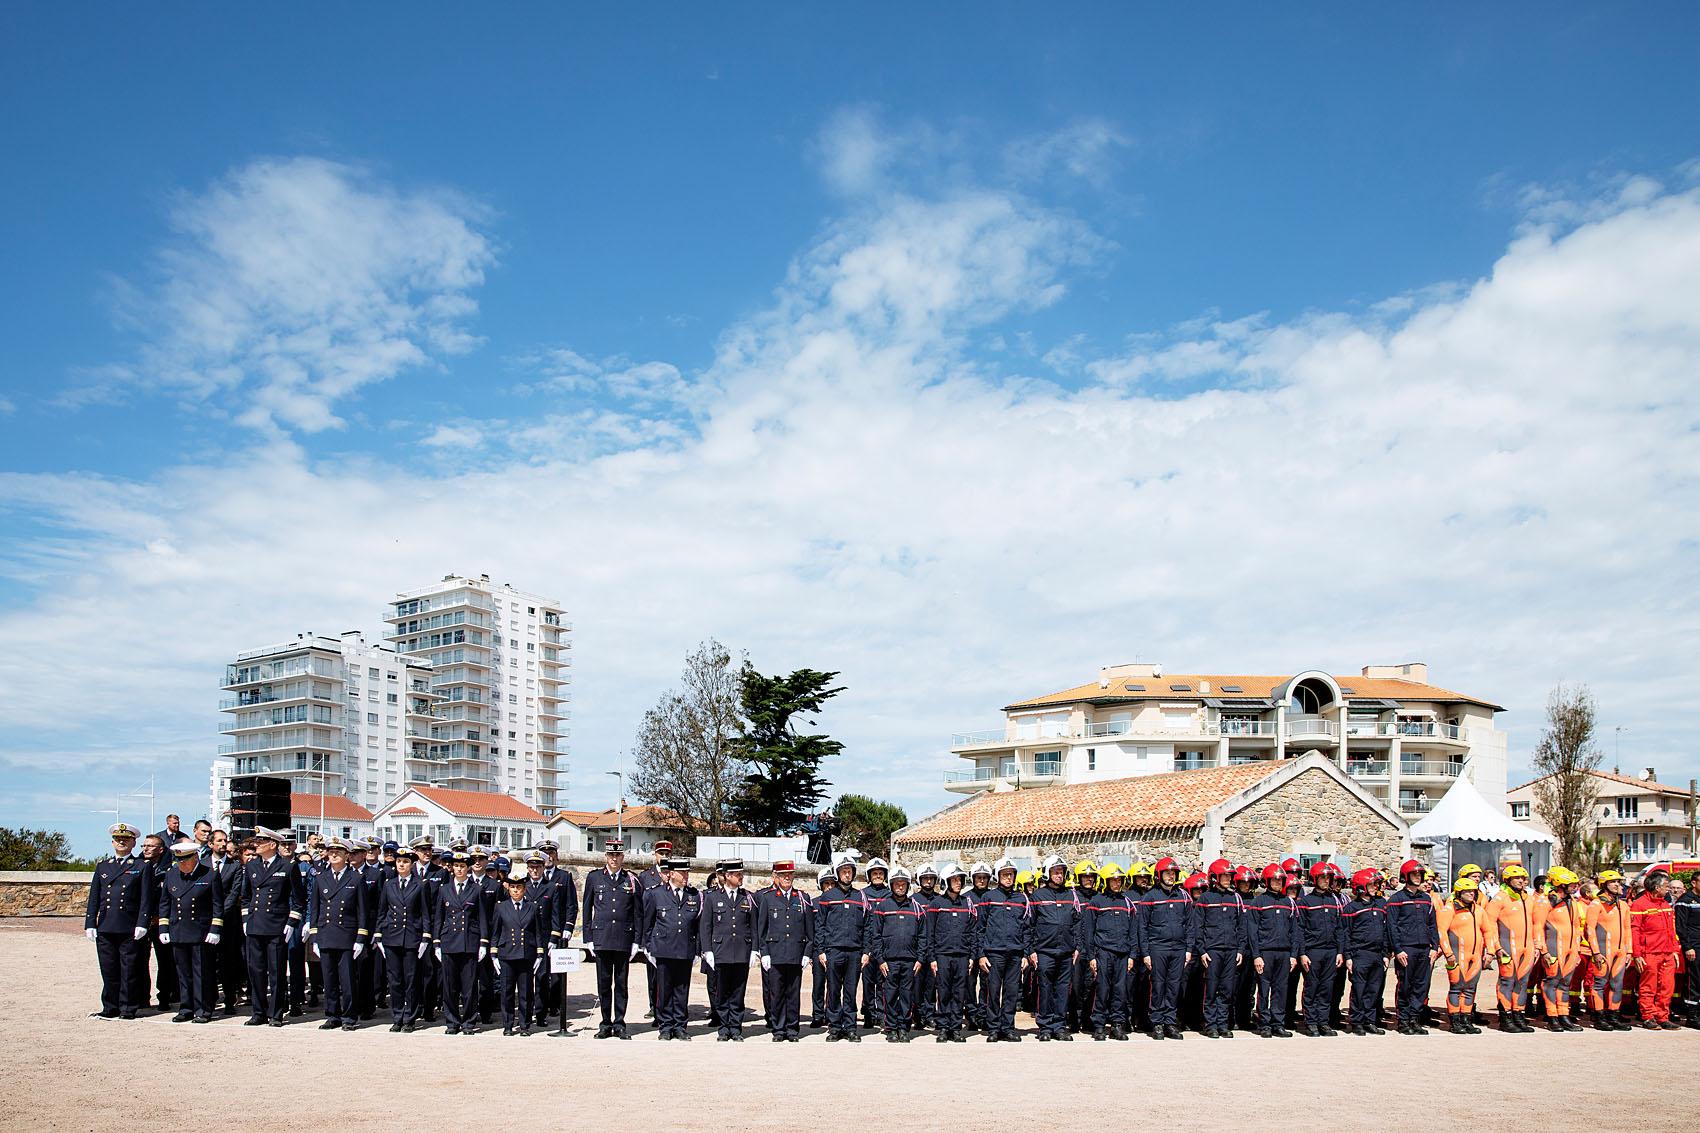 Les Sables d'Olonne, le 13 juin 2019. Hommage national aux sauveteurs du canot Jack Morisseau.